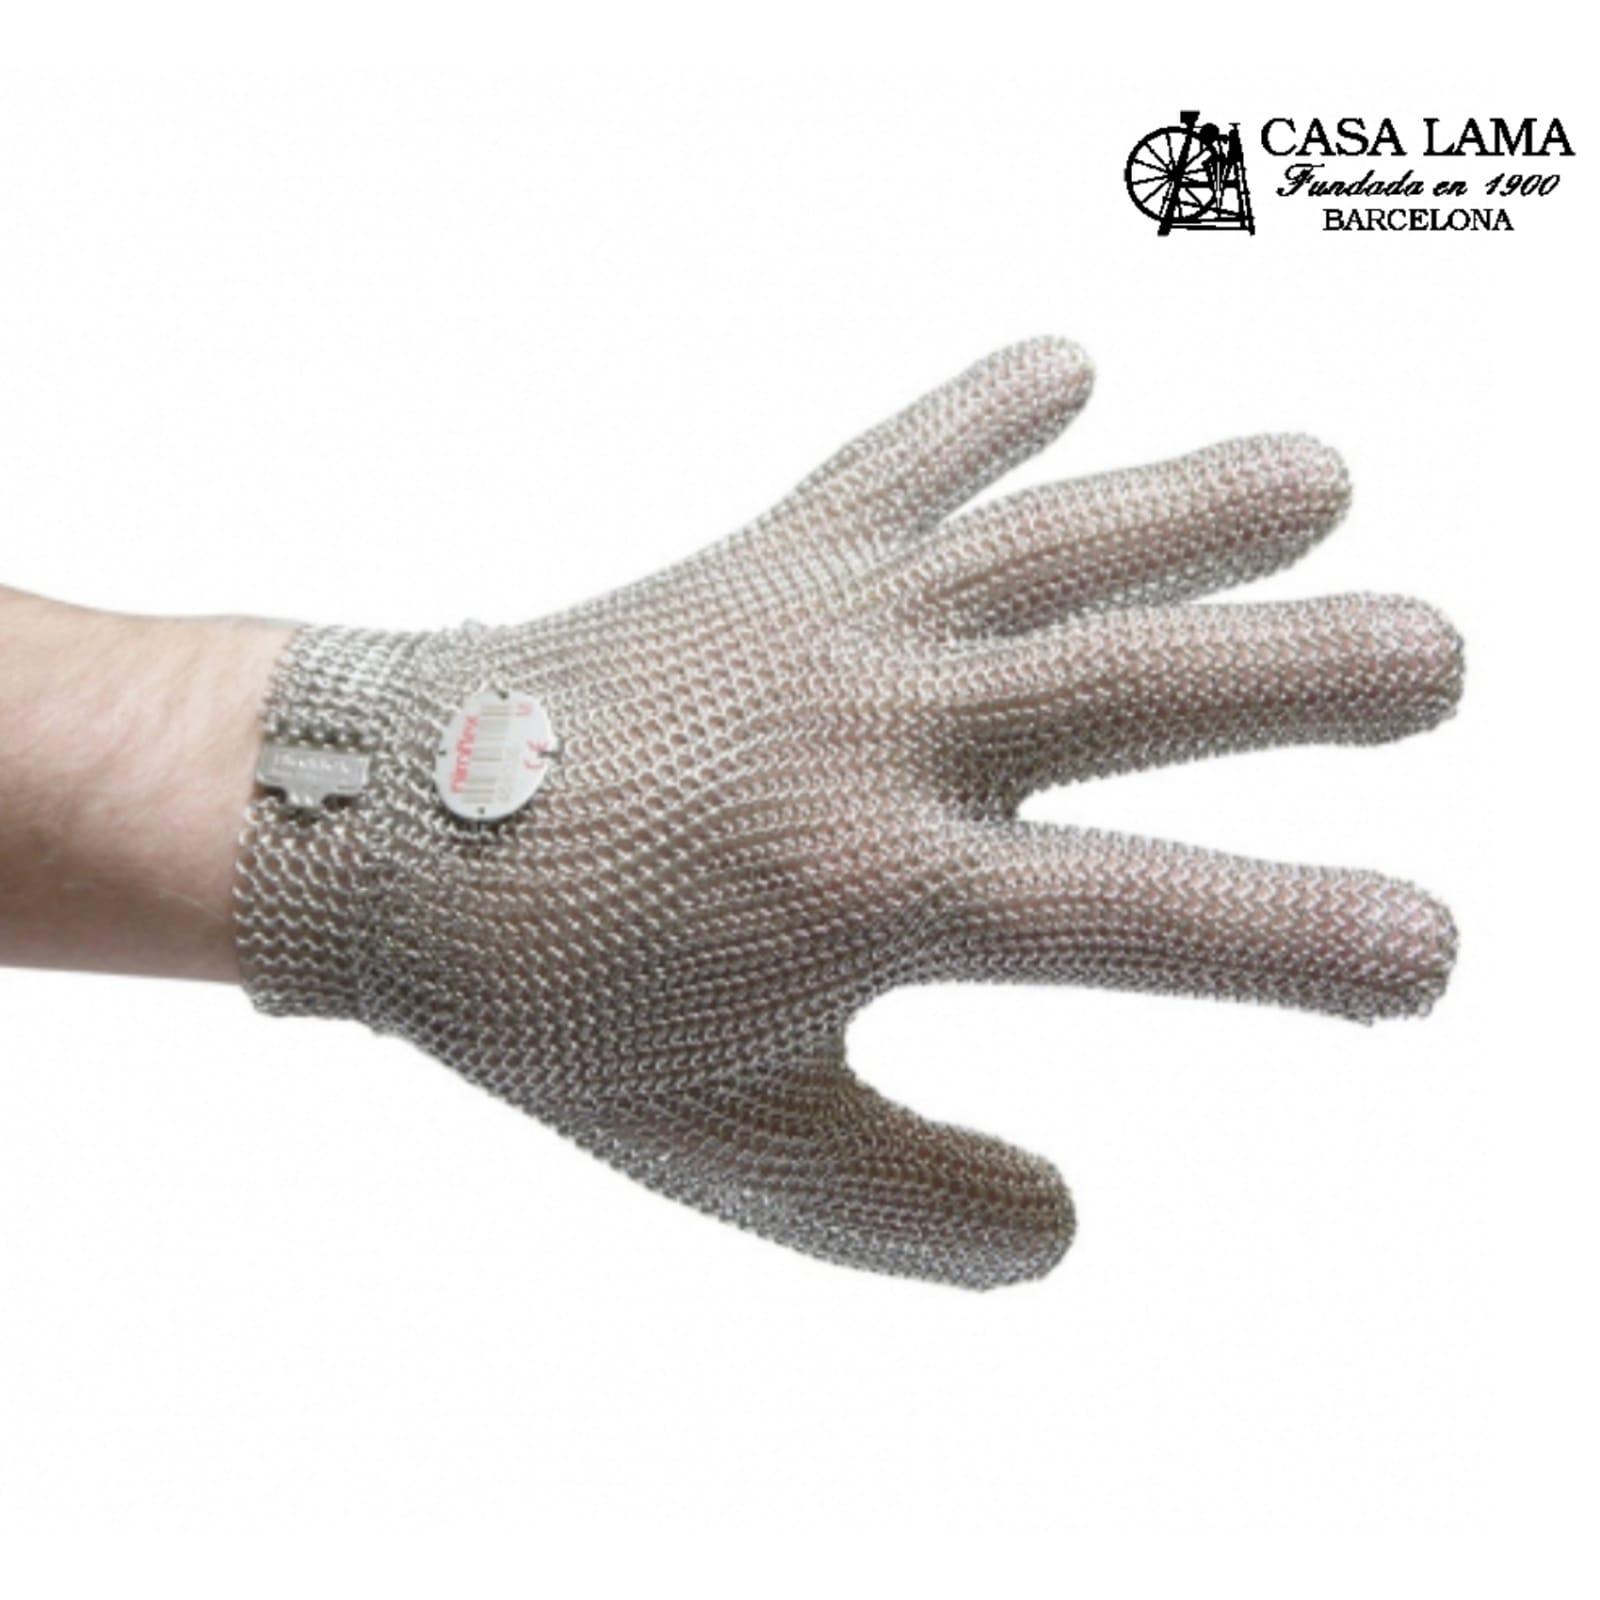 Los Guantes de Malla 200 los puedes encontrar en cuchilleria casa lama en barcelona